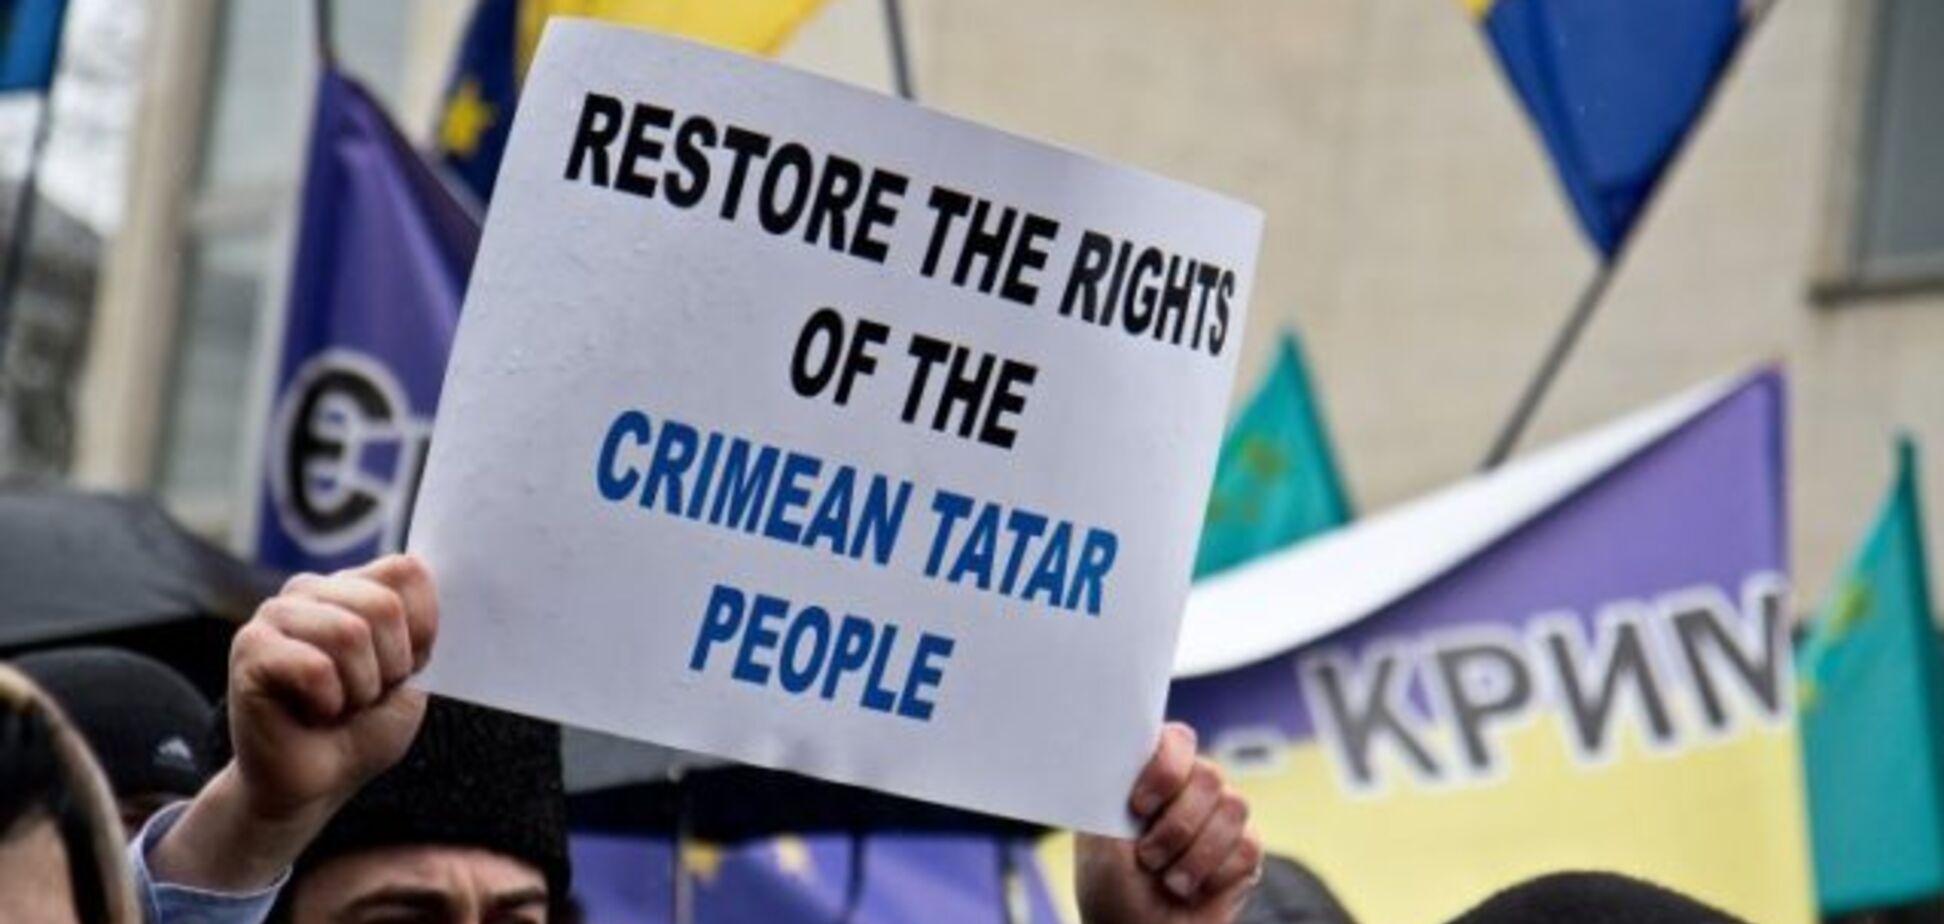 ООН опублікувала доповідь щодо Криму